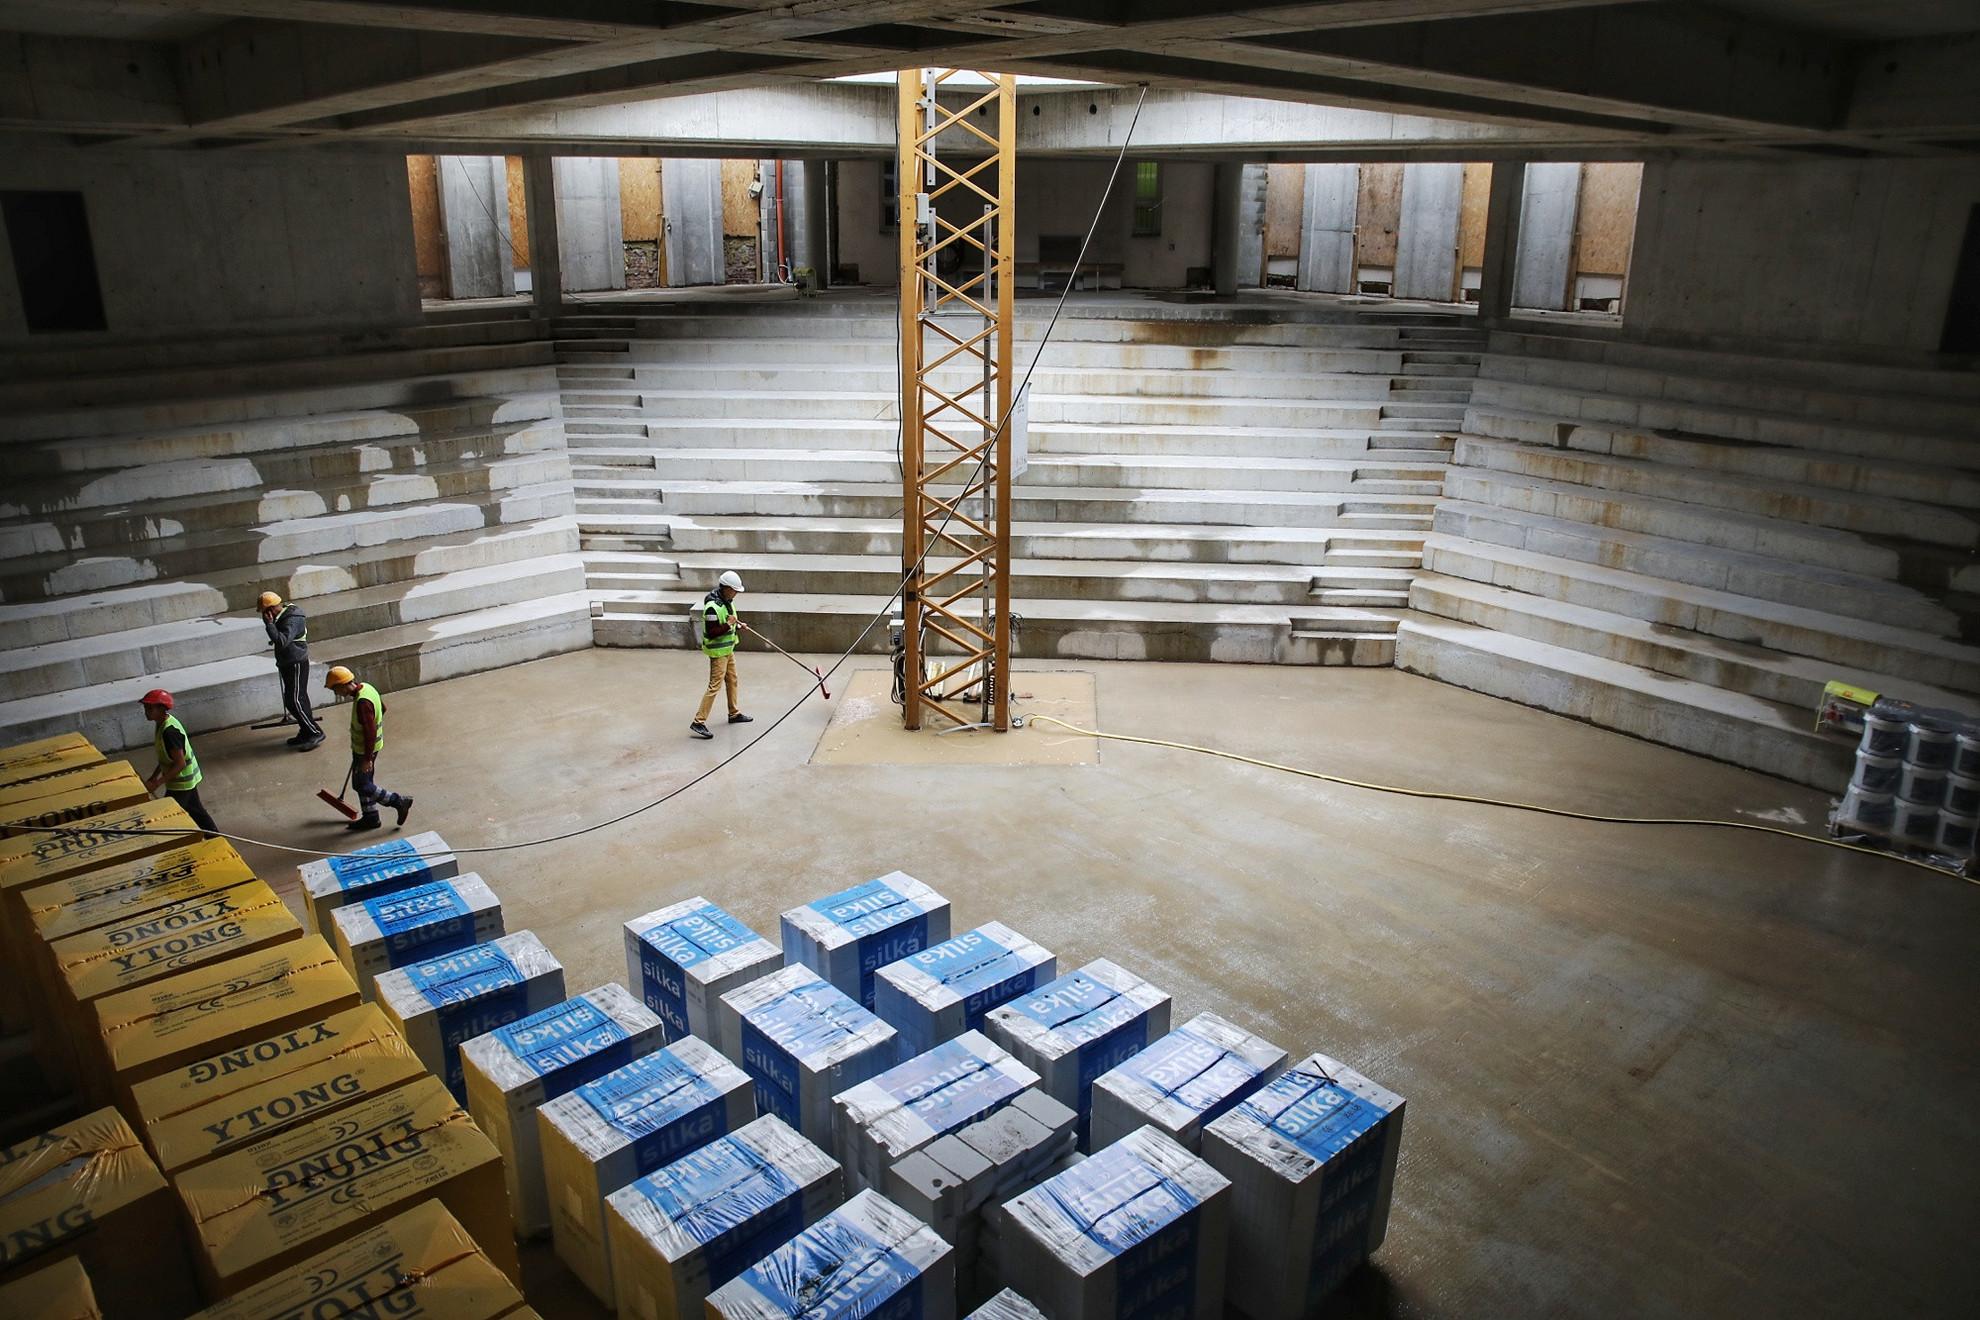 Szent Angéla Ferences Általános Iskola és Gimnázium épületének felújításához a kormány eddig 3,1 milliárd forinttal járult hozzá